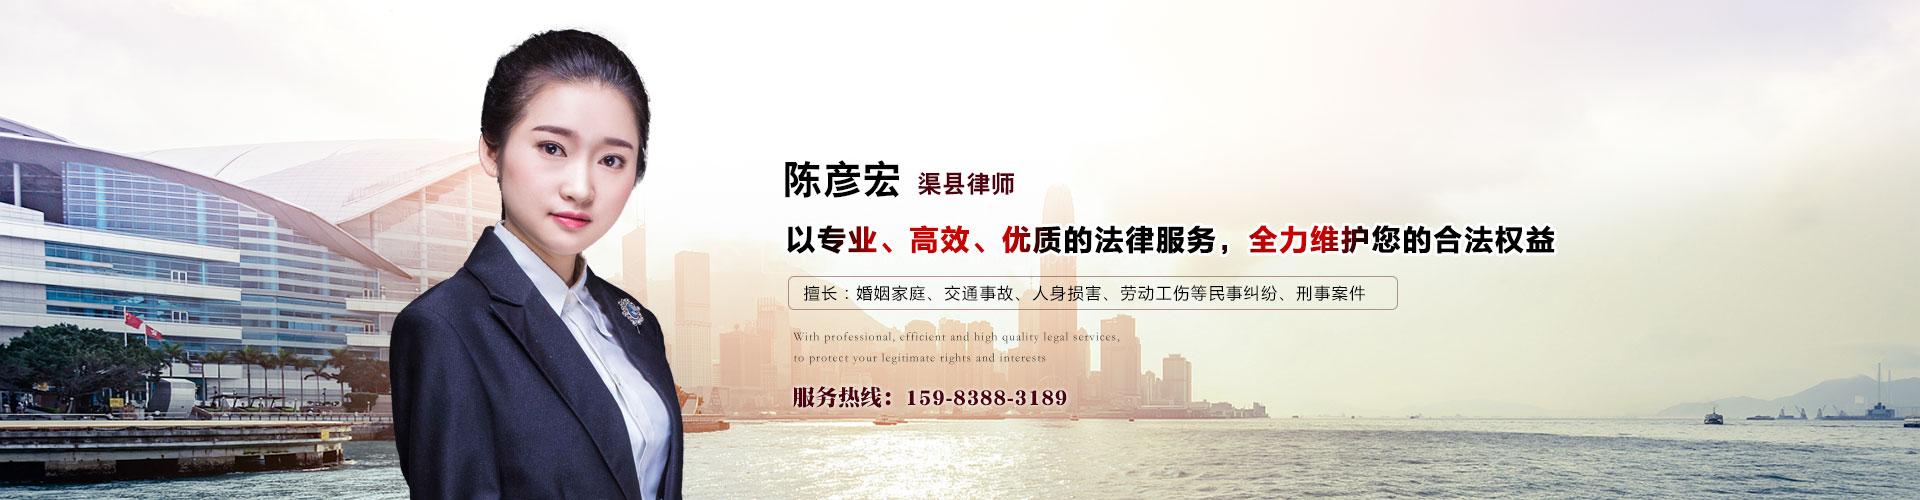 四川陈彦宏律师